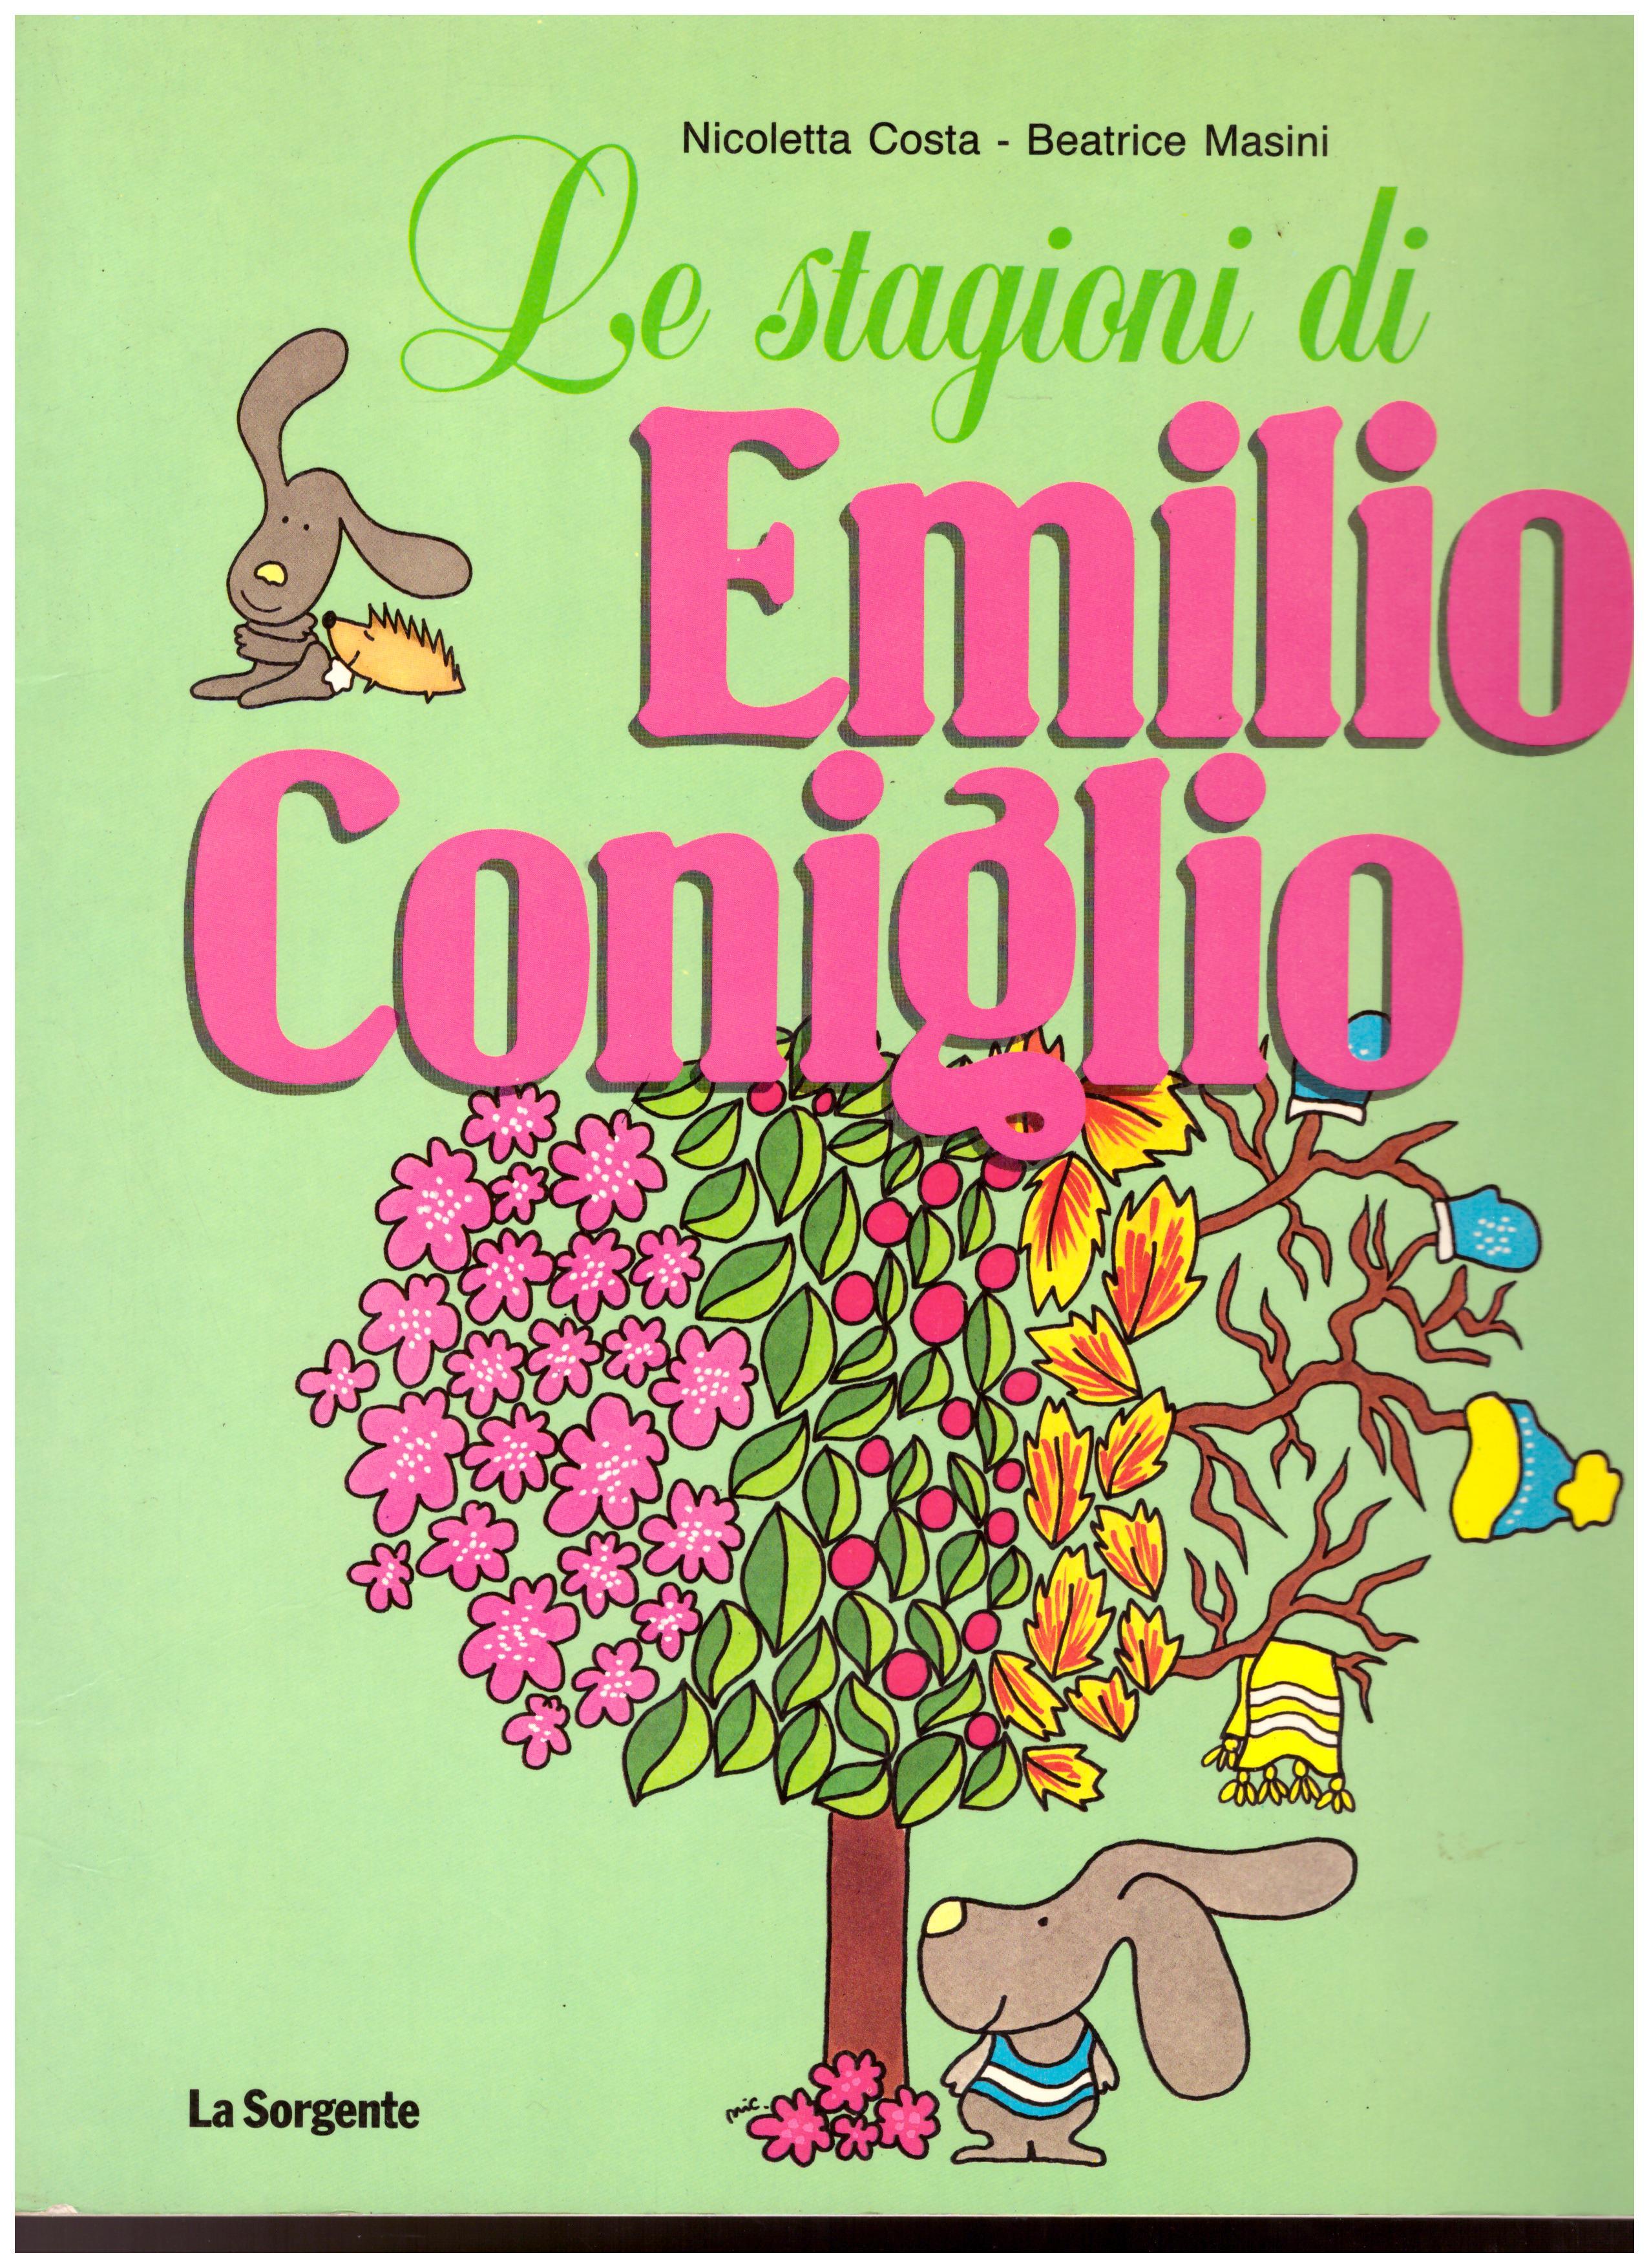 Titolo: Le stagioni di Emilio coniglio    Autore: Nicoletta Costa, Beatrice Masini     Editore: La sorgente